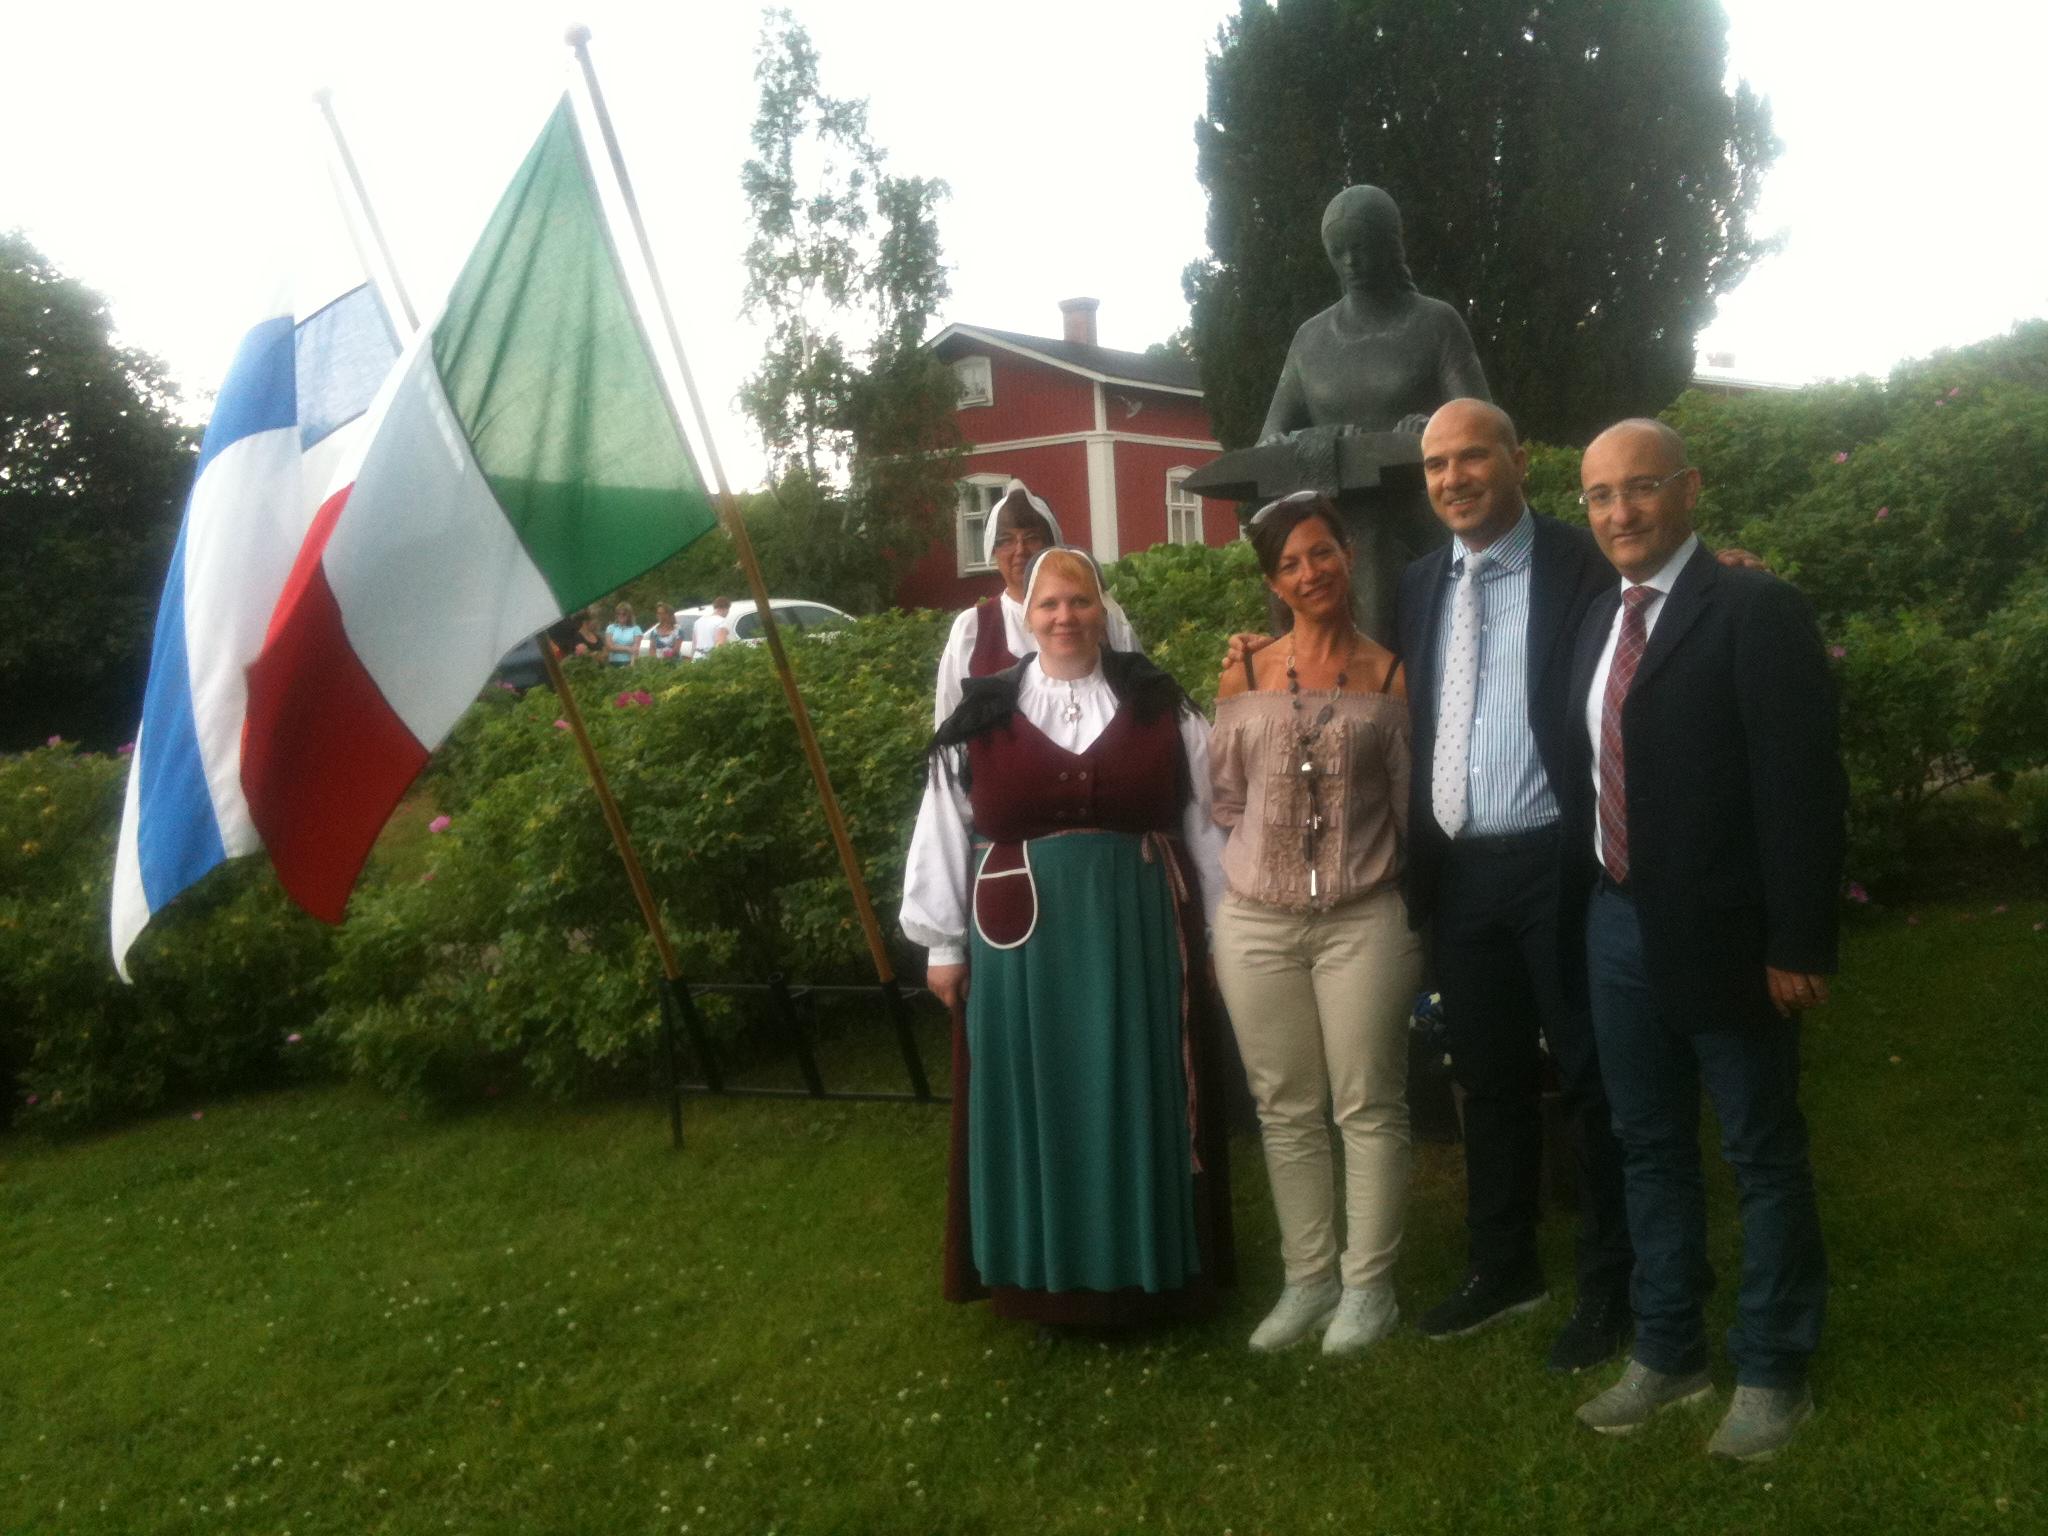 Piazza della statua della merlettaia di Rauma. L'Assessore Antimiani, il Sindaco Lucciarini, la Consigliere Almonti e la delegazione di merlettaie